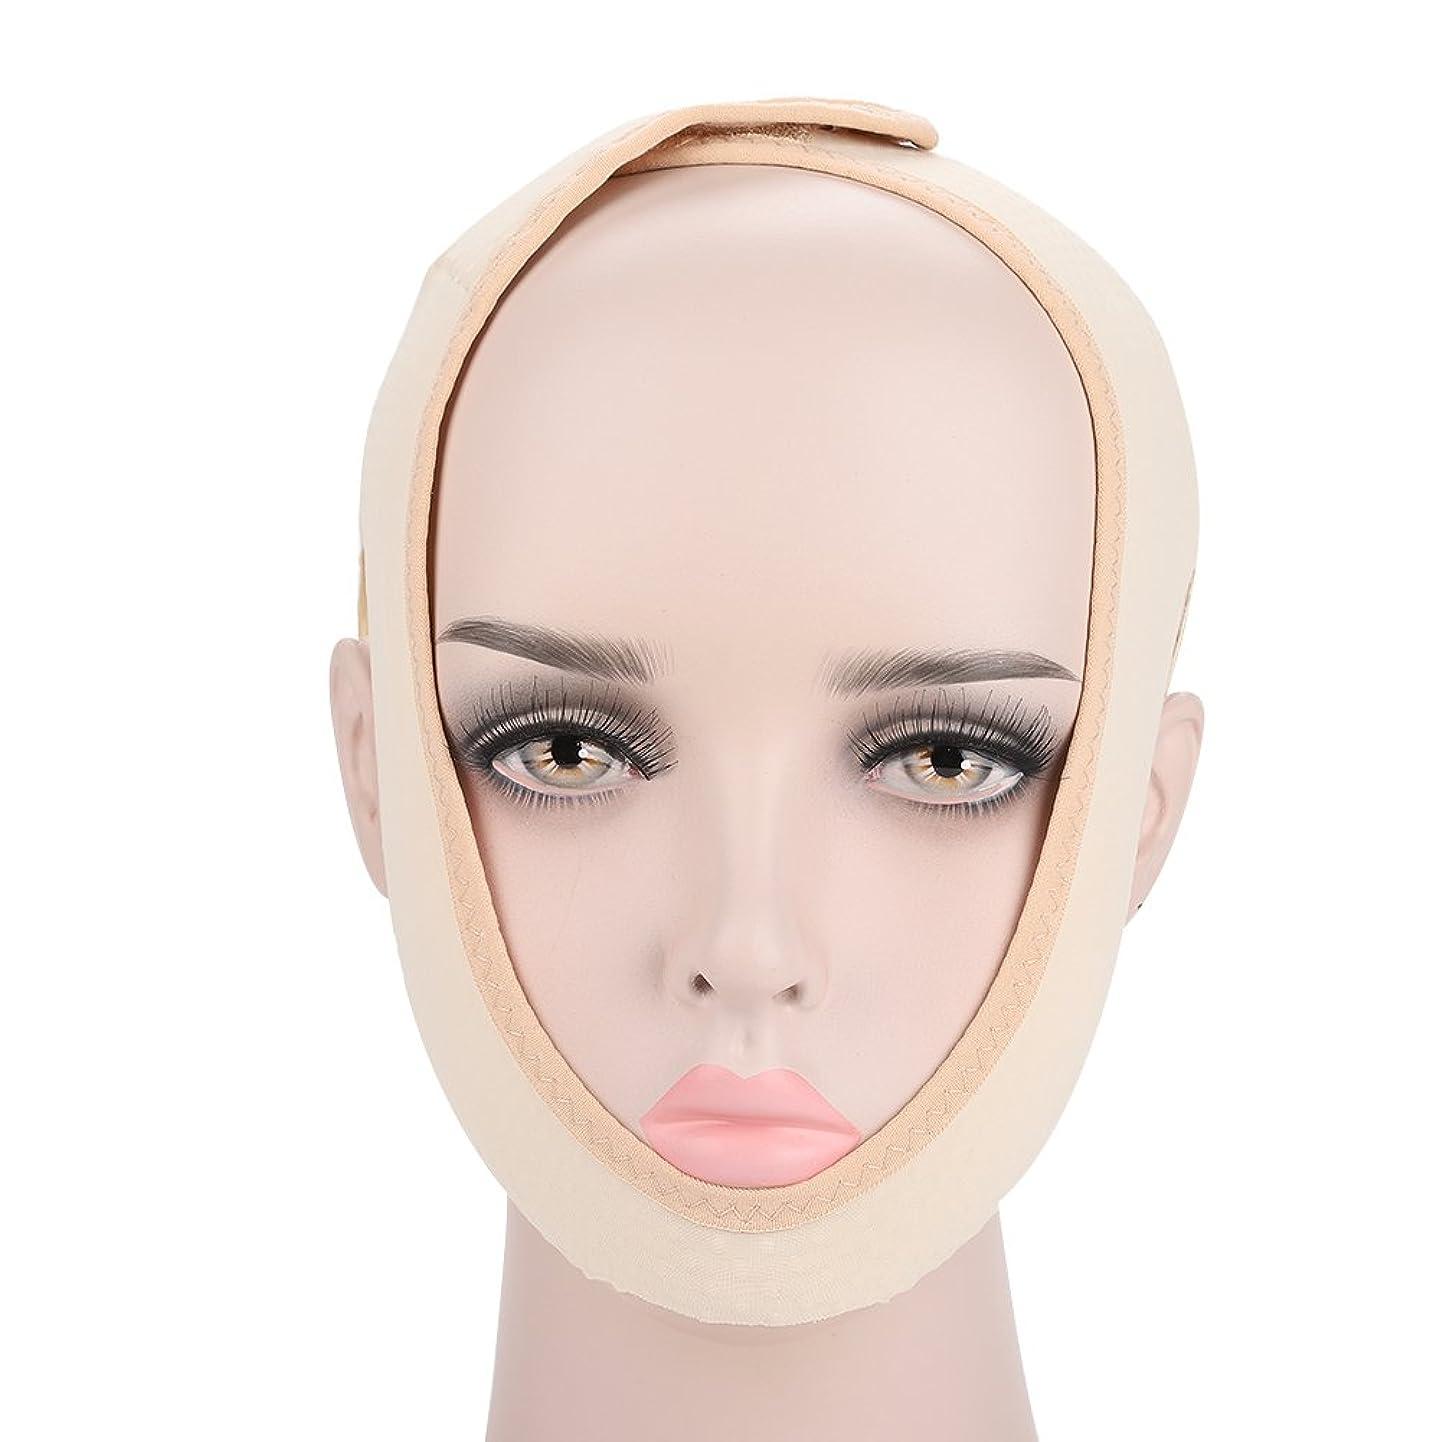 マサッチョシャンプー蓄積する顔の輪郭を改善するための顔の痩身マスク、通気性と伸縮性、二重あごを和らげ、顔の手術とリハビリ